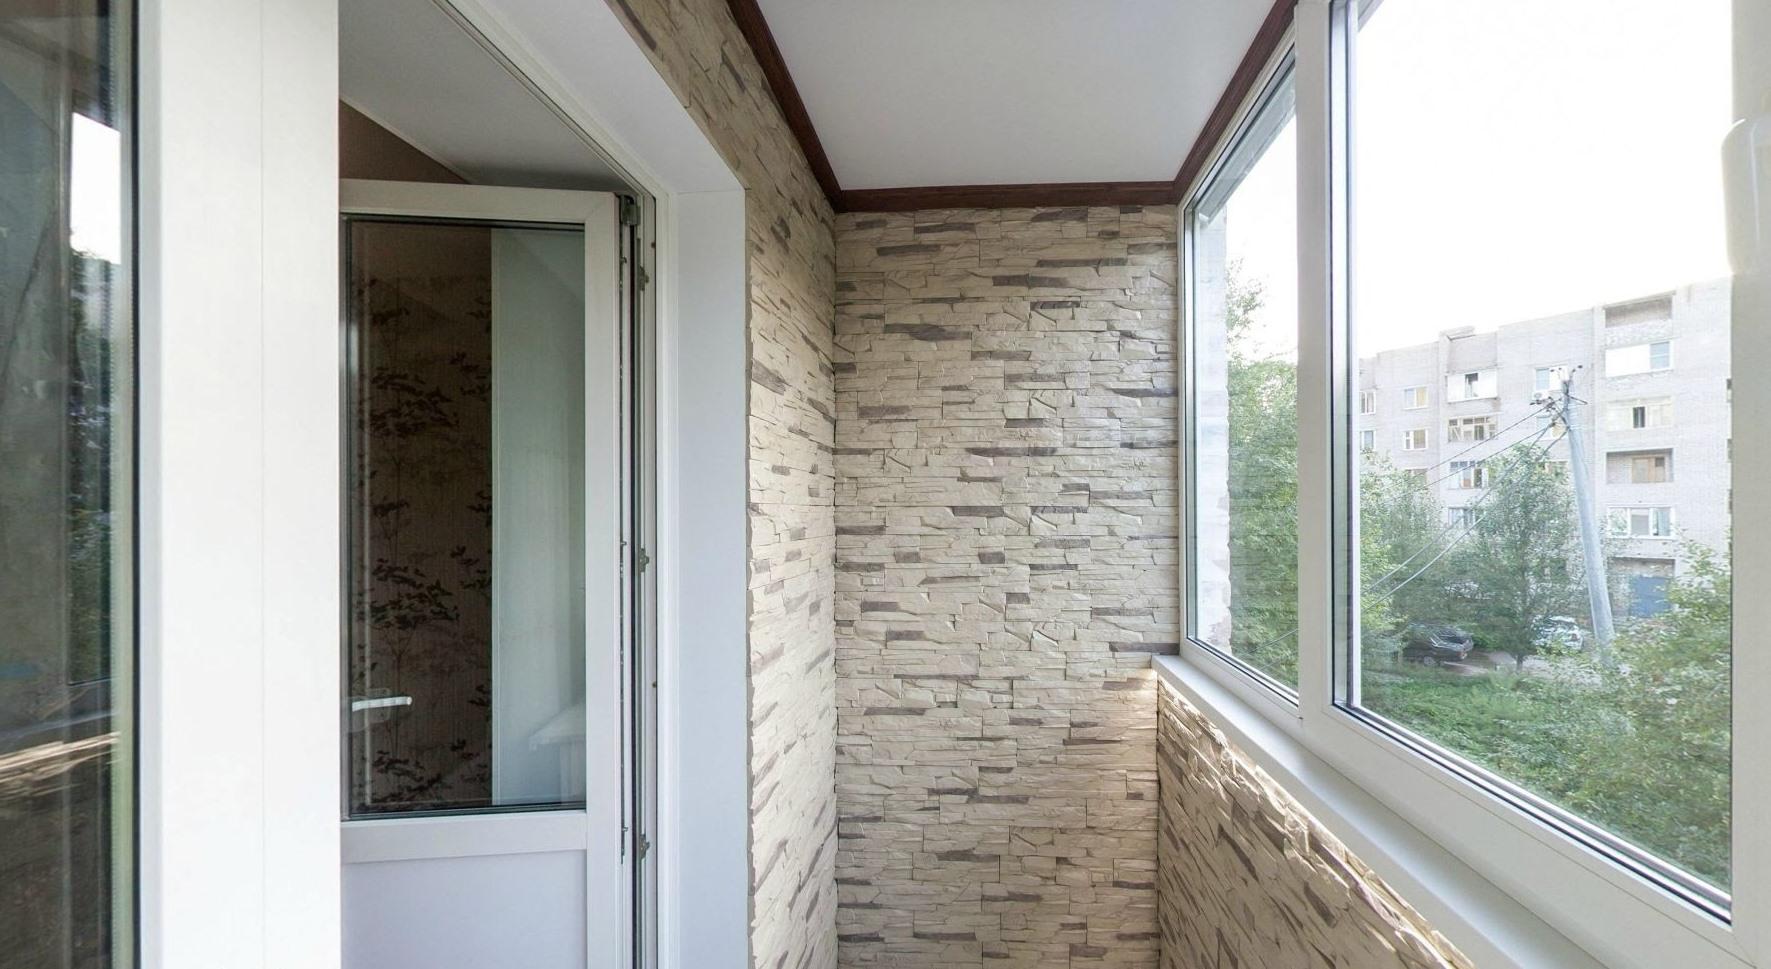 Внутренняя отделка балкона своими руками пошаговая инструкция фото 408